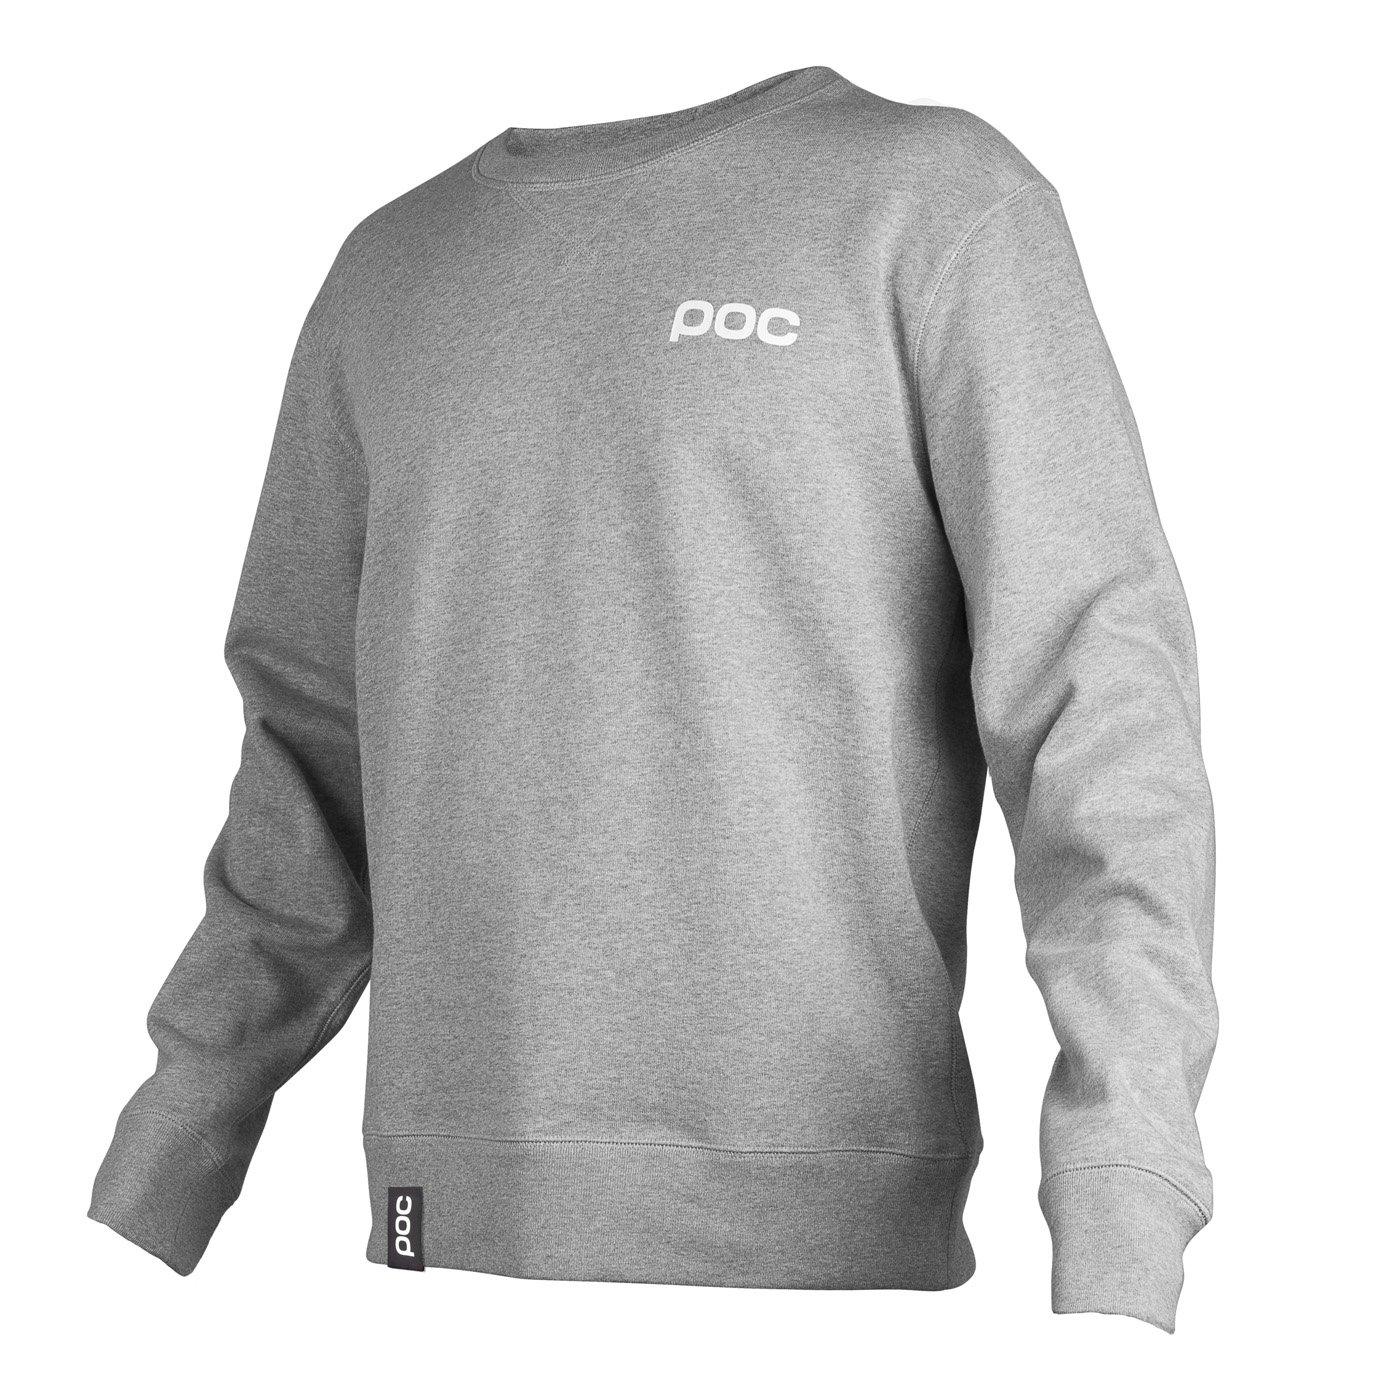 POC Crew Neck Sweater 61530